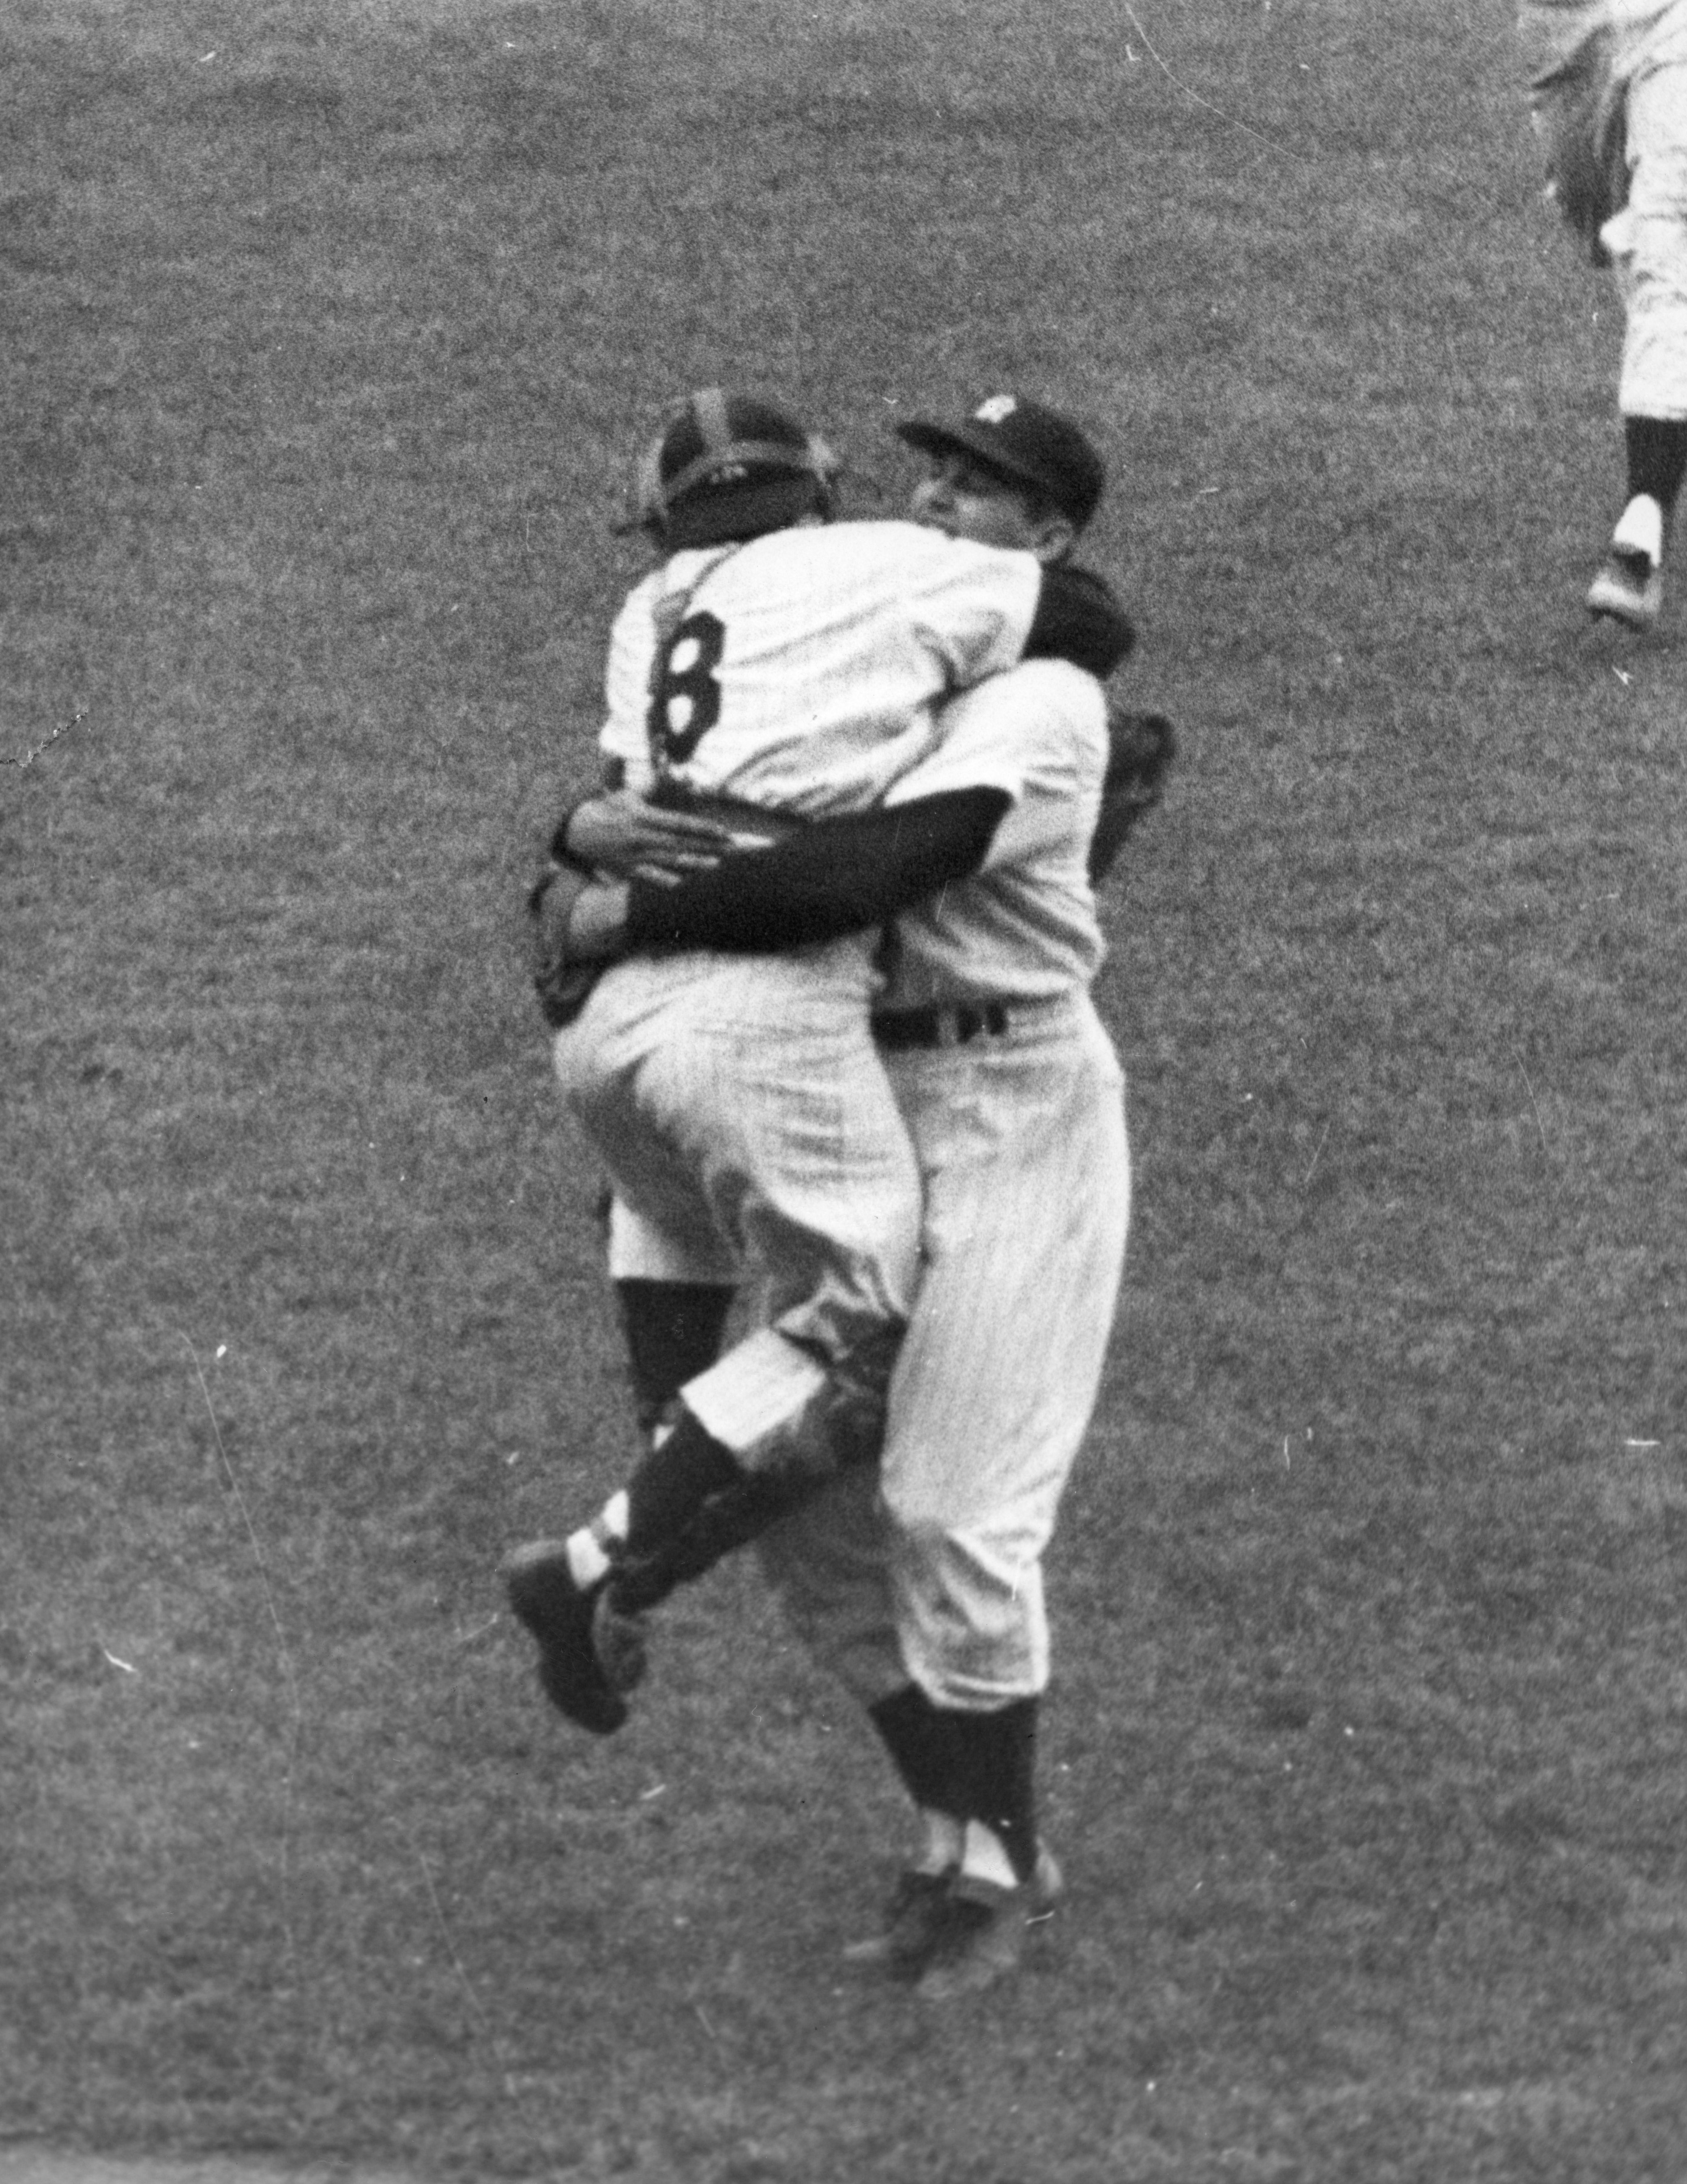 Yogi Berra hugging Don Larsen